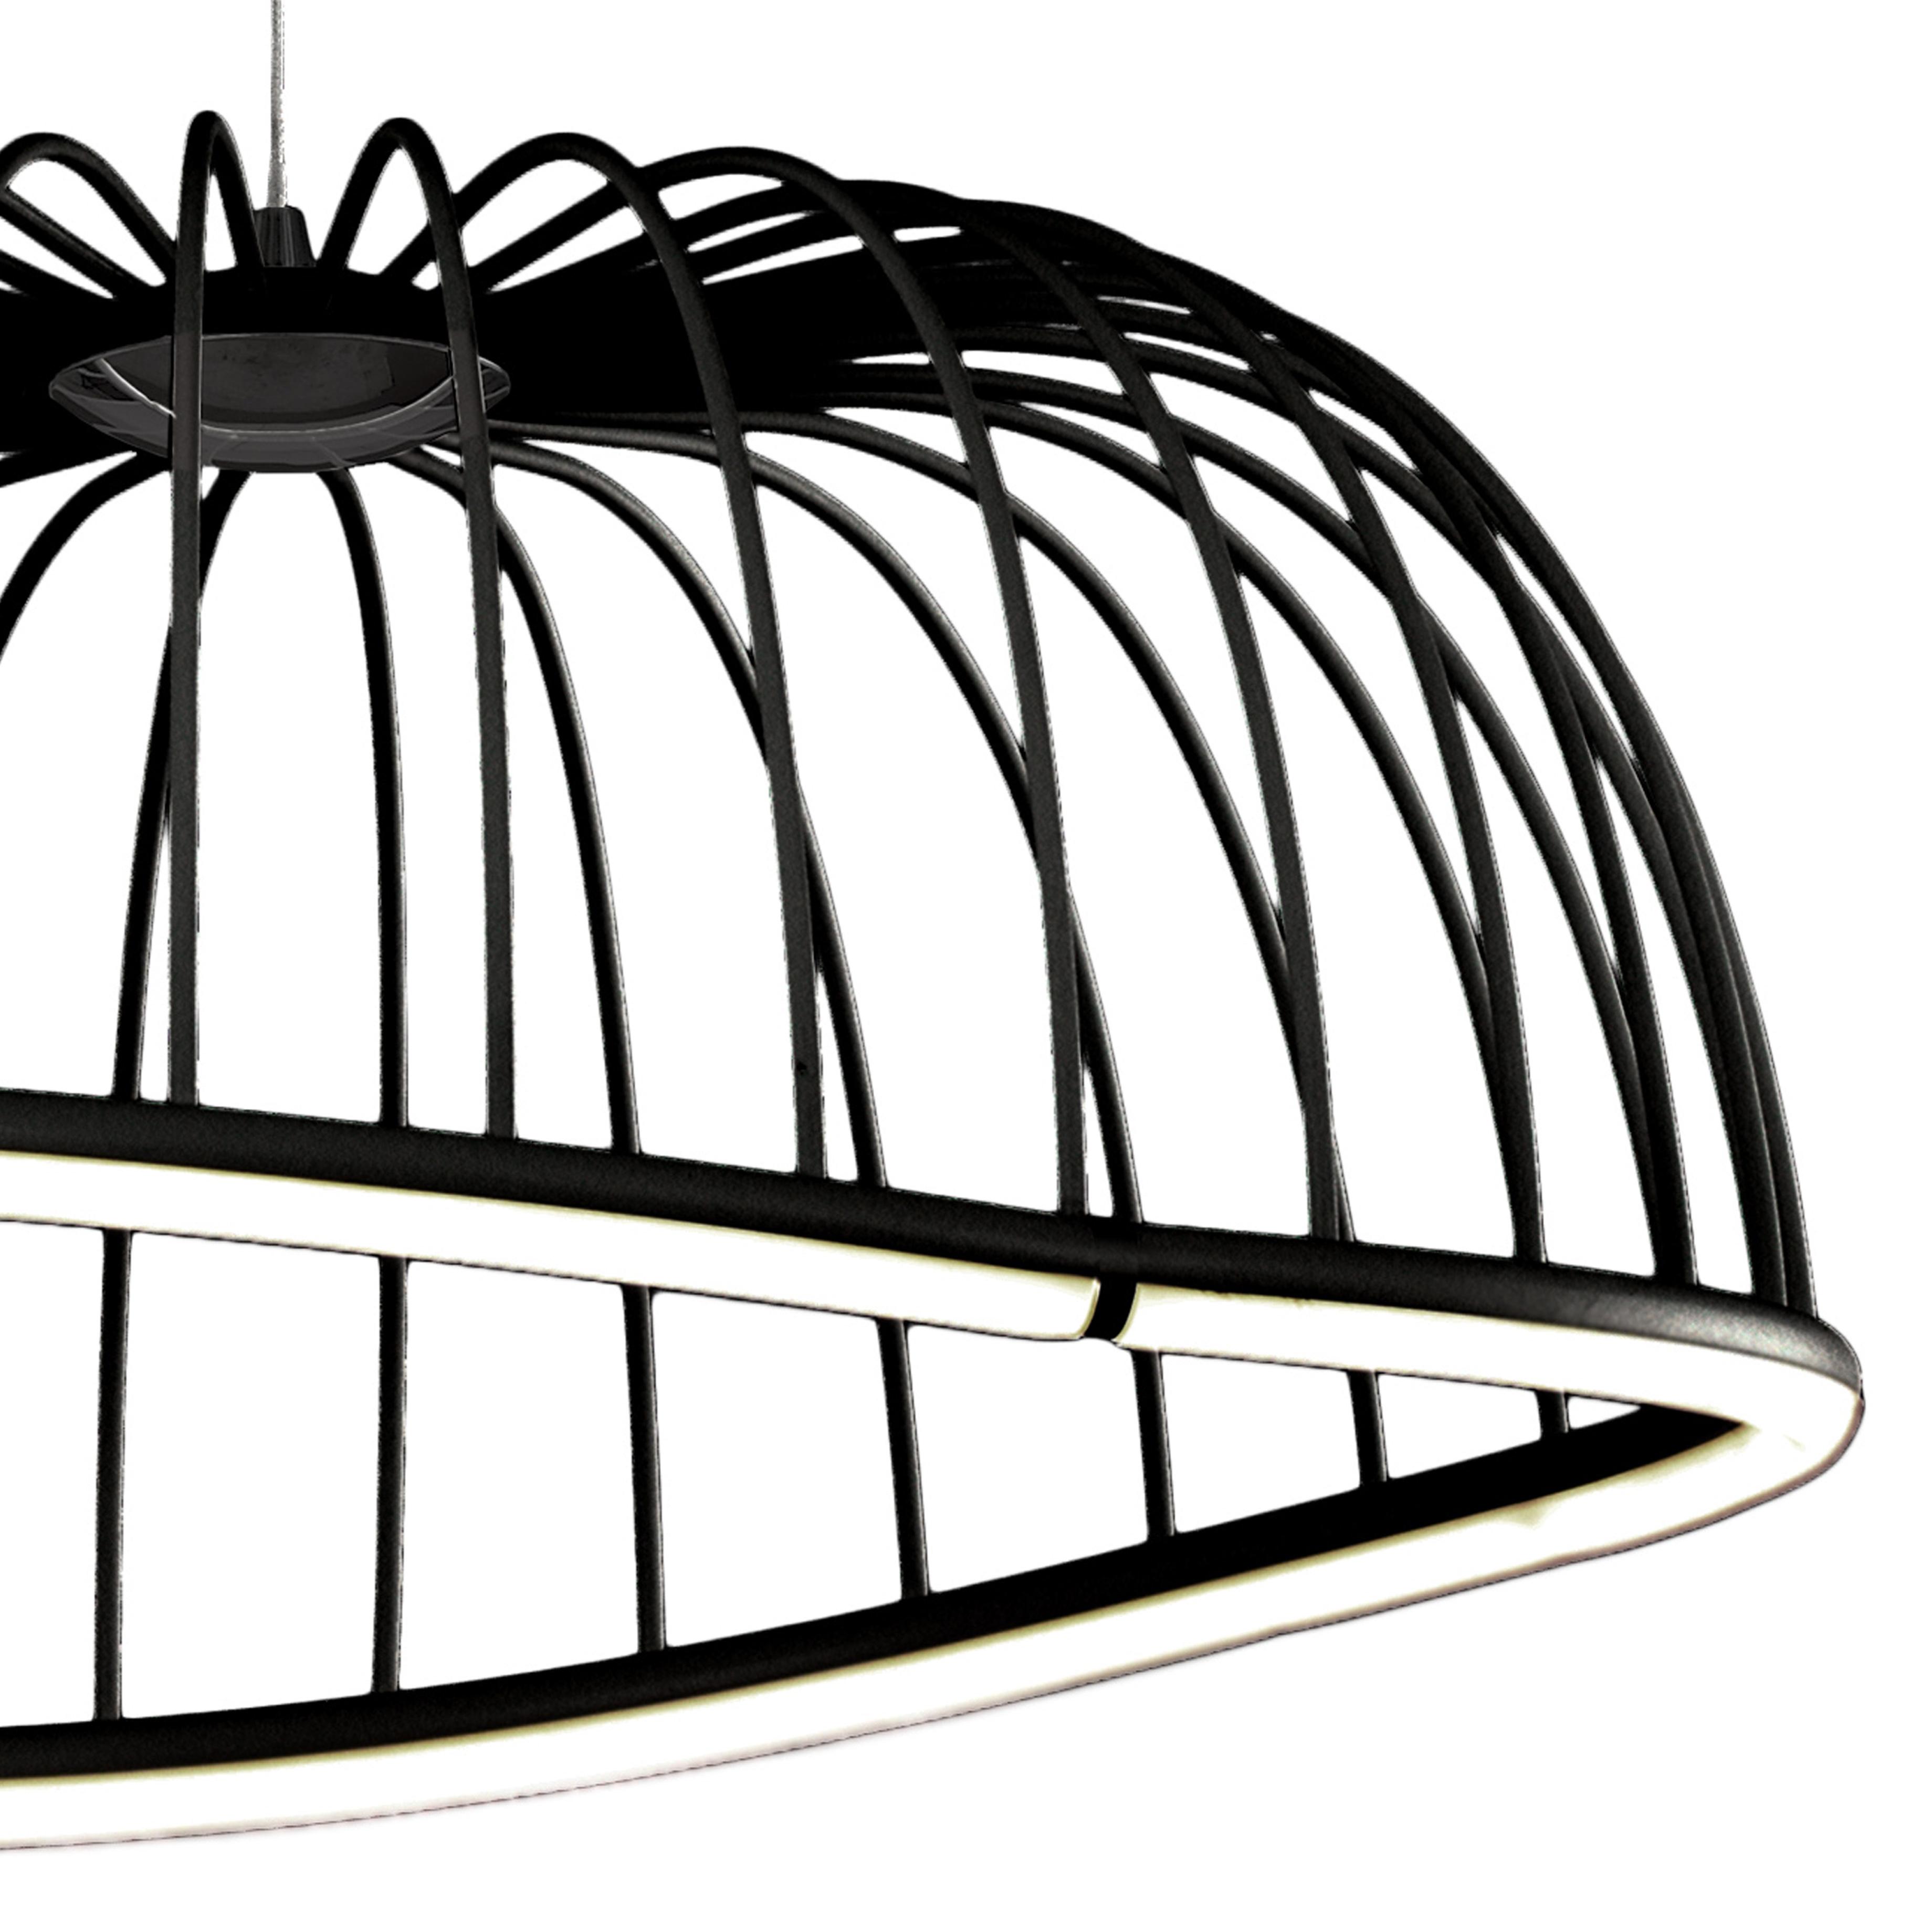 Подвесной светодиодный светильник Mantra Celeste 6684, LED 30W 3000K 2100lm, черный, металл - фото 4